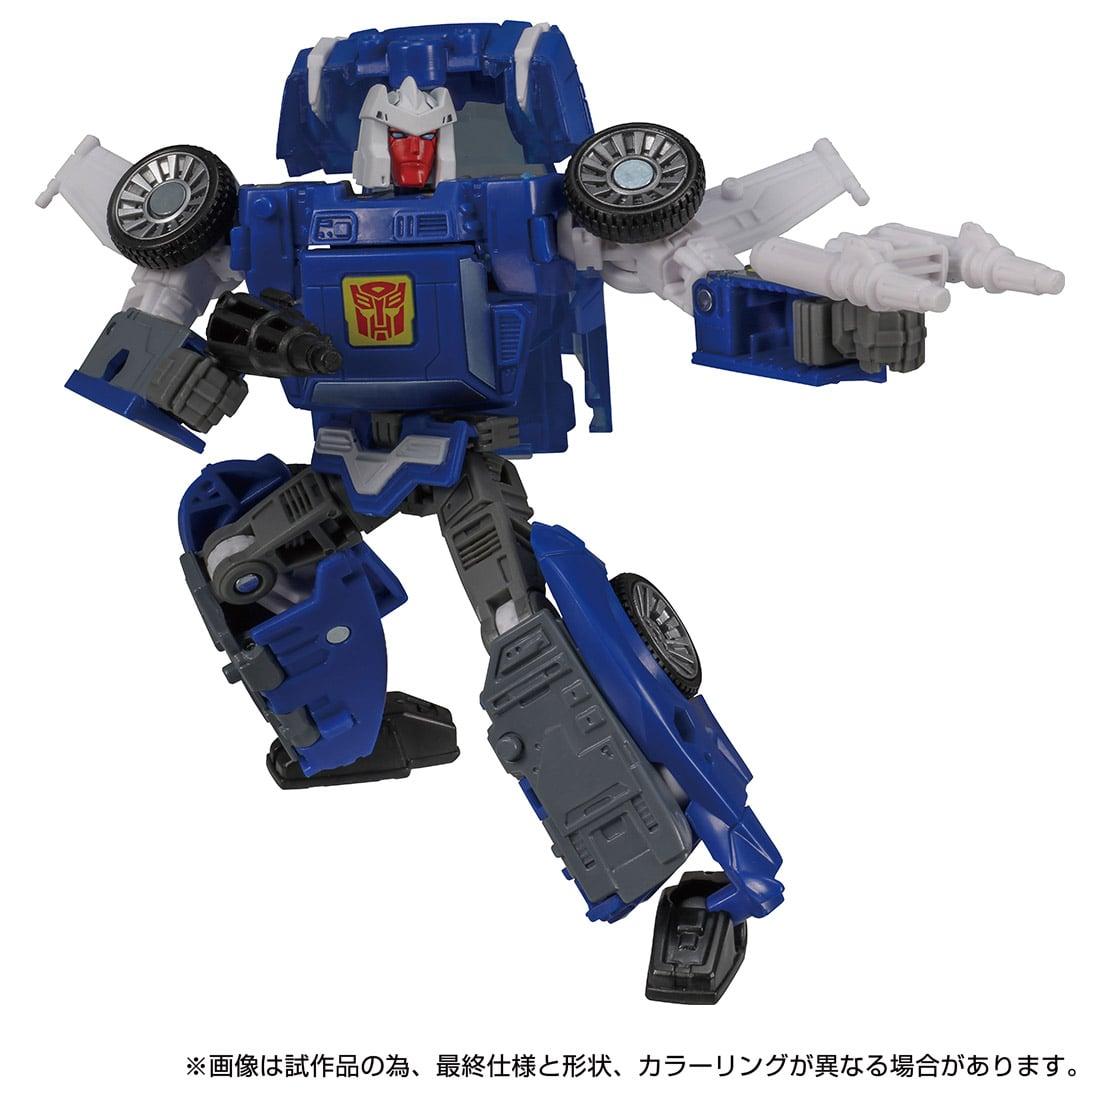 トランスフォーマー キングダム『KD-15 トラックス』可変可動フィギュア-001